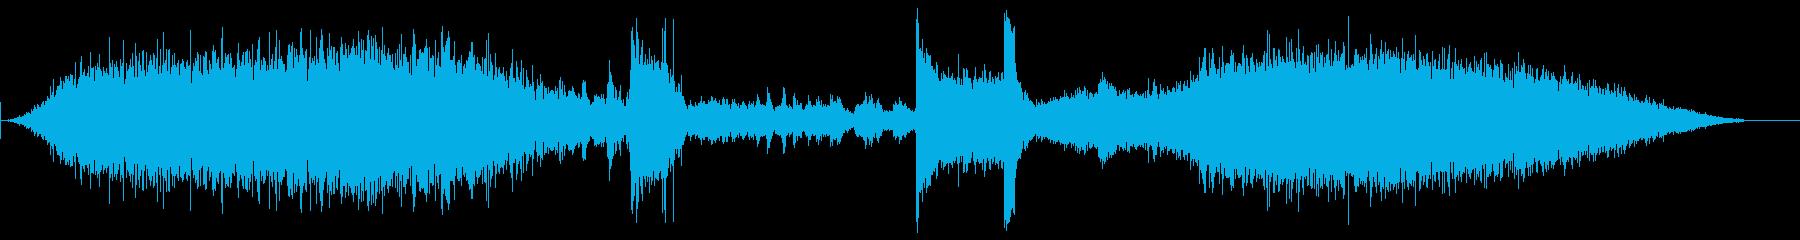 メトロプラットフォーム2の再生済みの波形